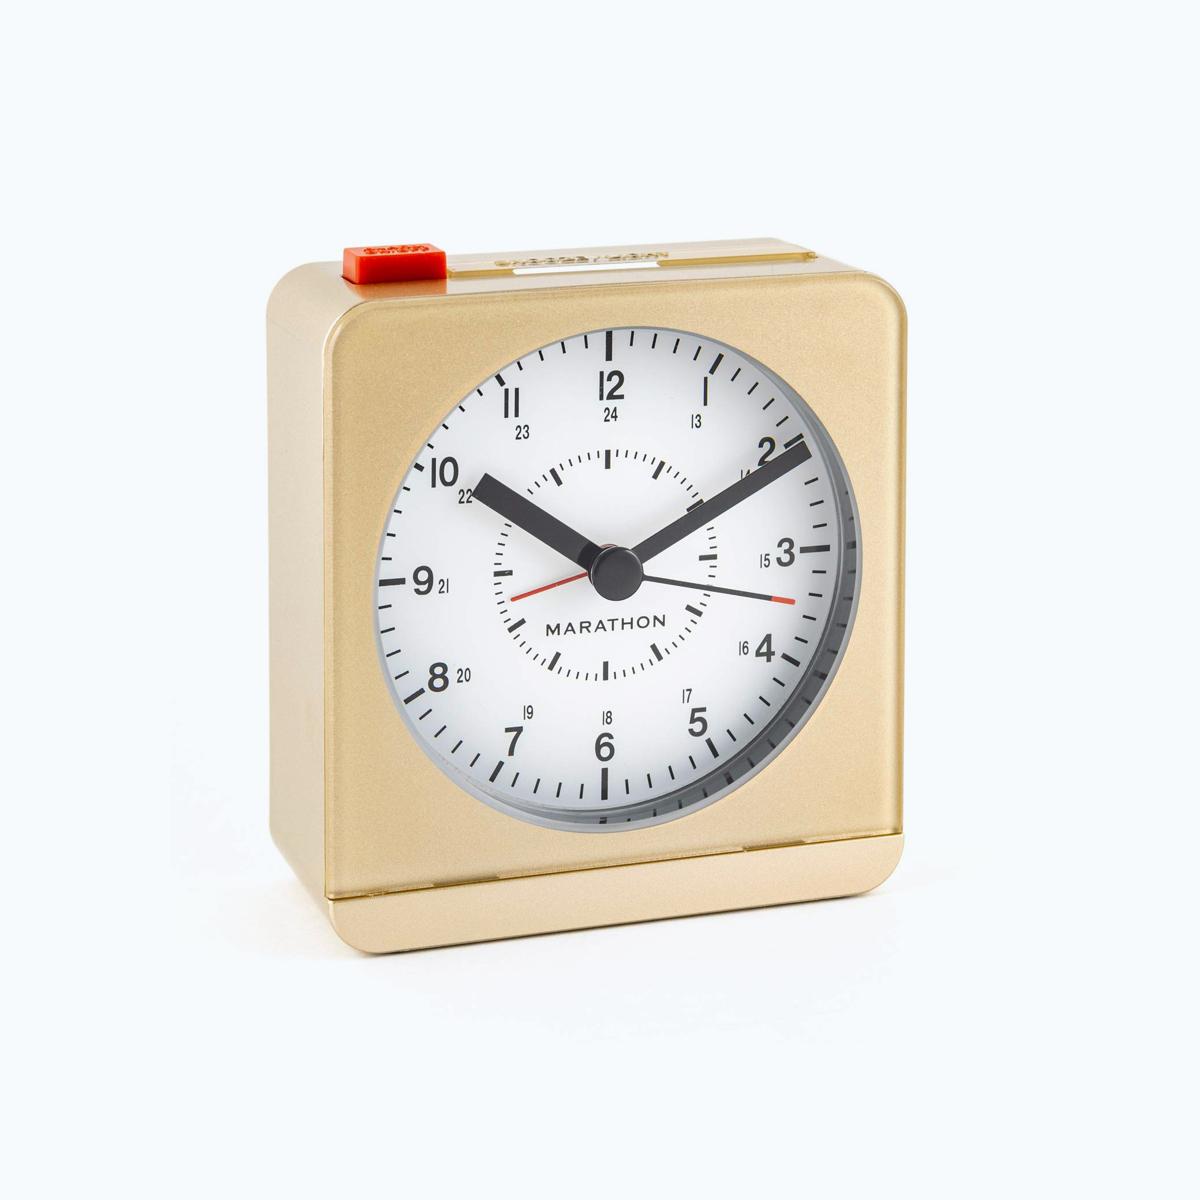 Marathon Retro Alarm Clock